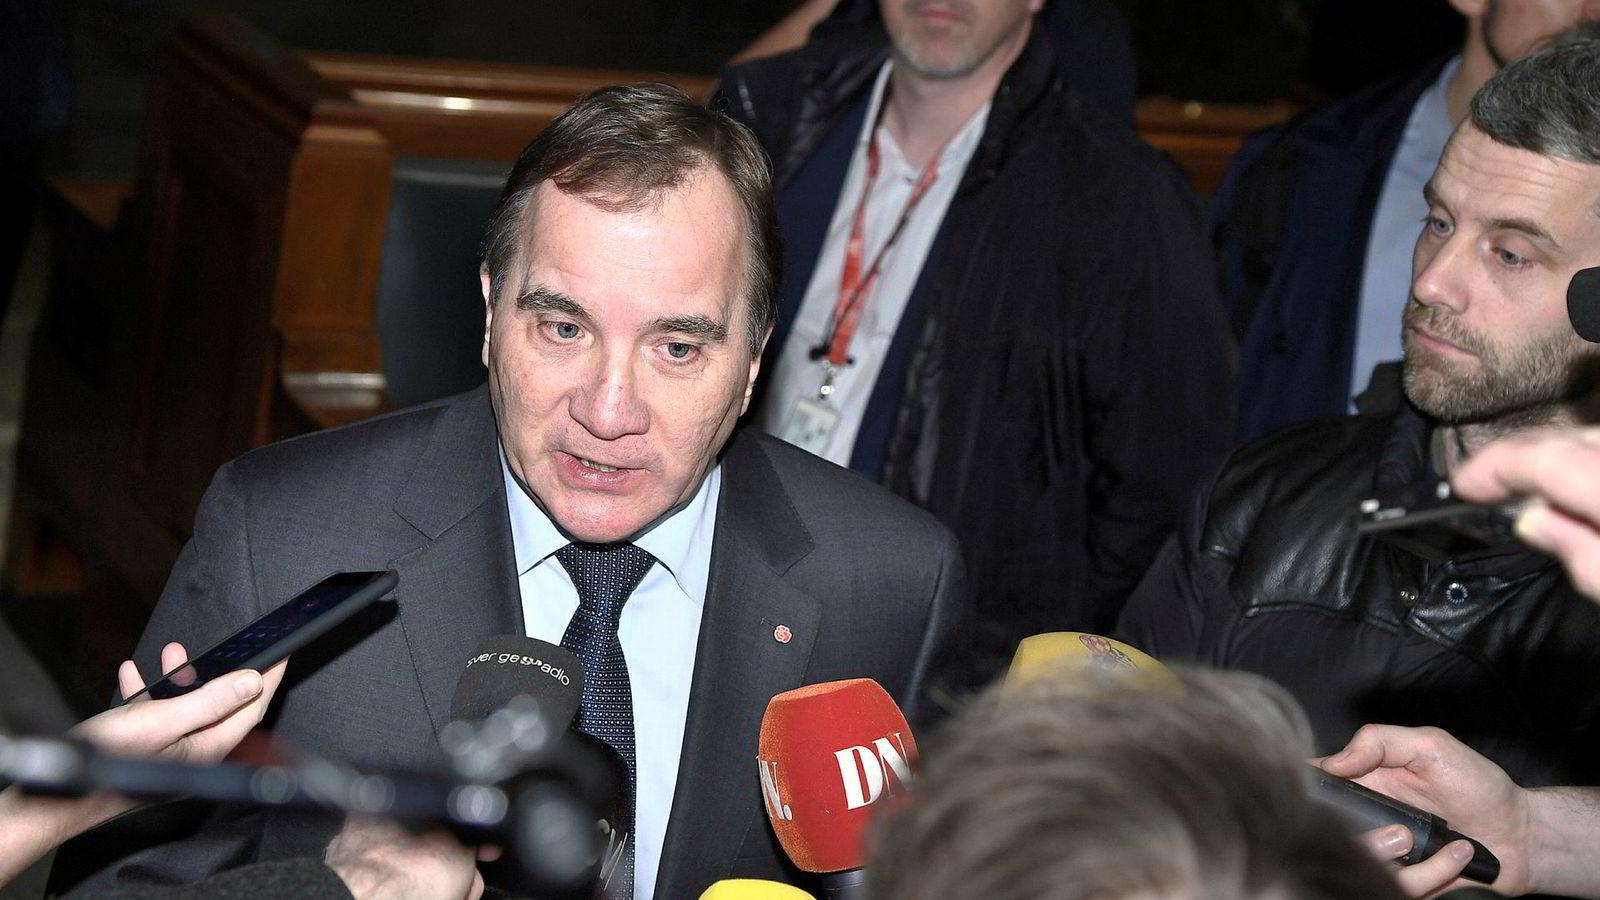 Det fremstår som et paradoks at statsminister Stefan Löfven ser ut til å bli sittende som statsminister, til tross for et valg der seks av ti stemmer gikk til partier til høyre for Socialdemokraterna. Her statsminister Löfven etter møte med riksdagens talmannen torsdag.